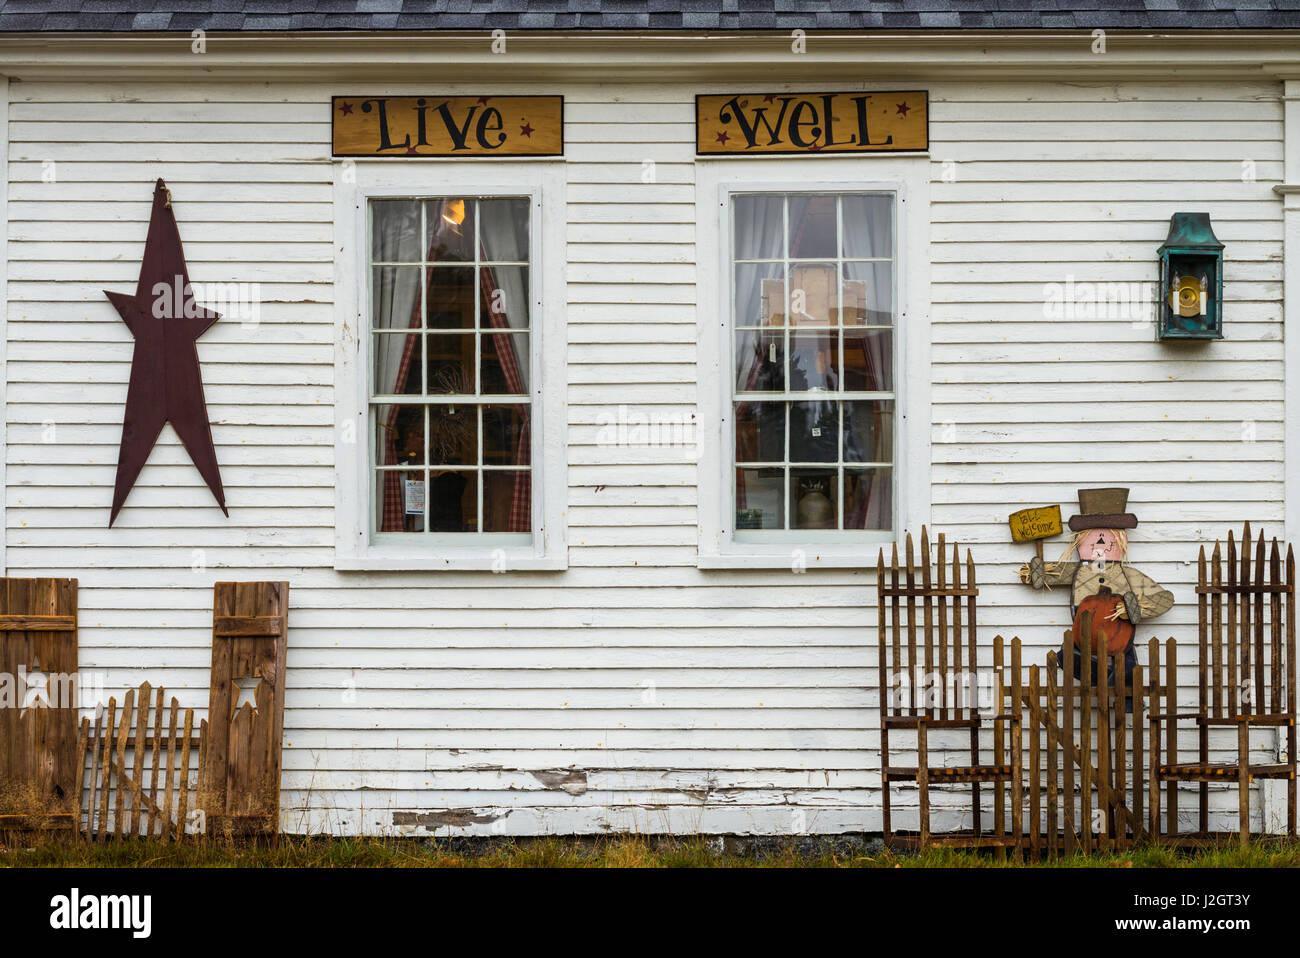 USA, New Hampshire, le lac Winnipesaukee, Campton, magasin d'antiquités avec des signes, bien-vivre Banque D'Images